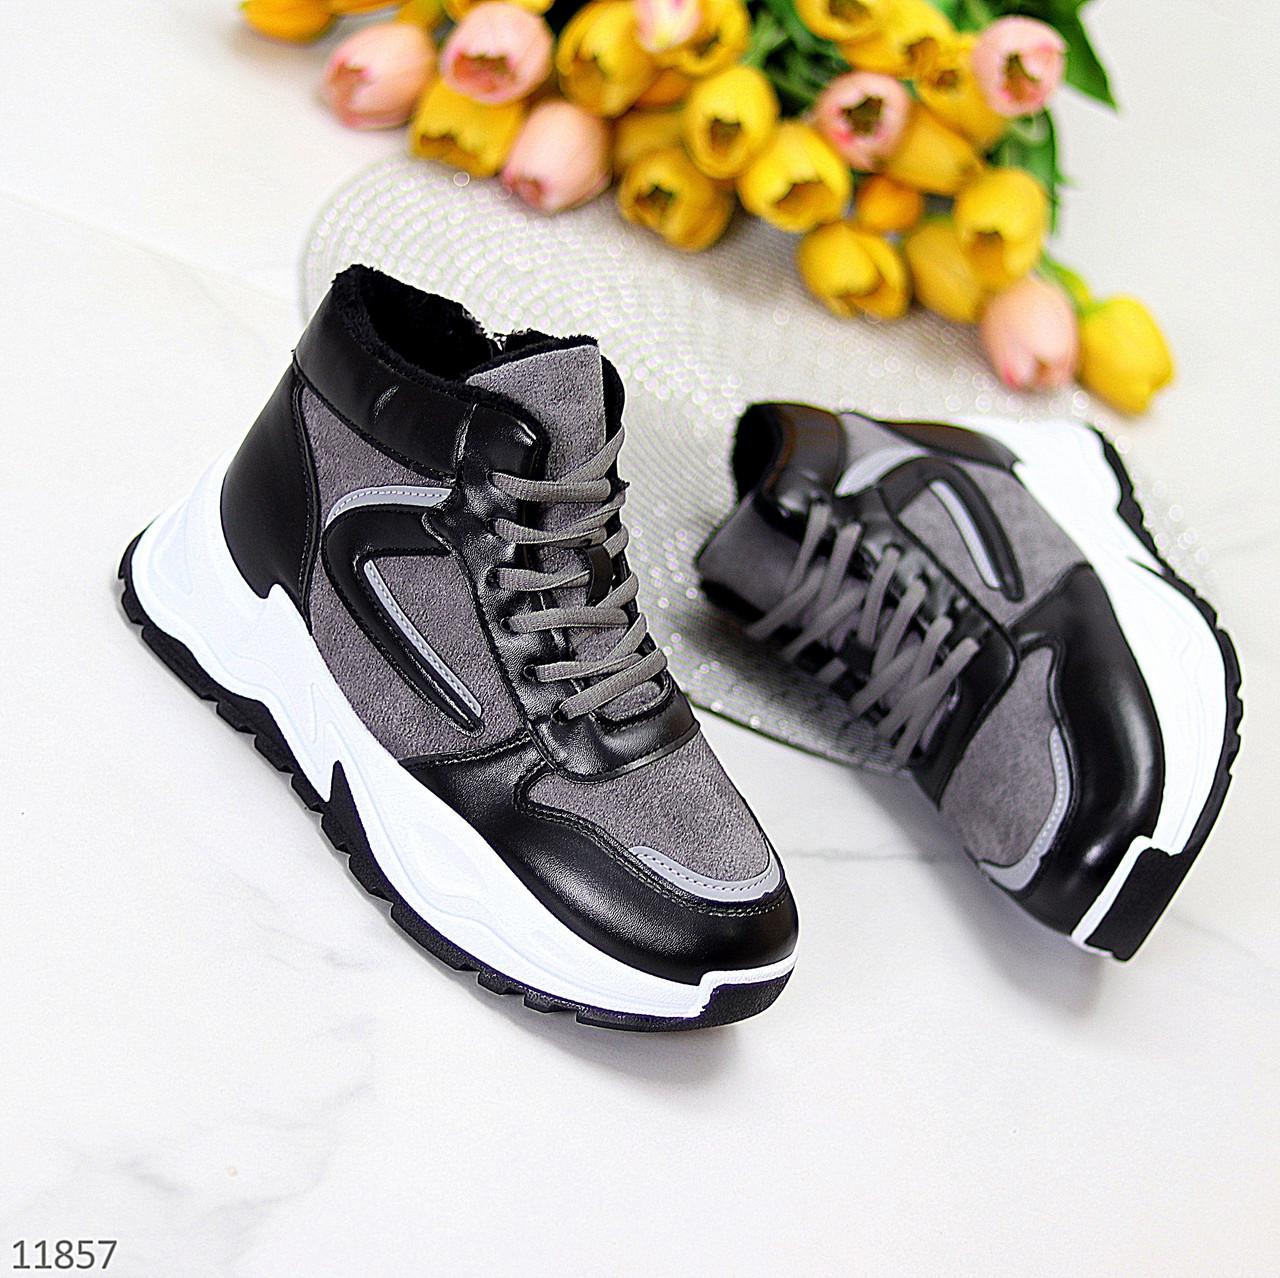 Модельні зимові сірі чорні жіночі спортивні черевики на хутрі